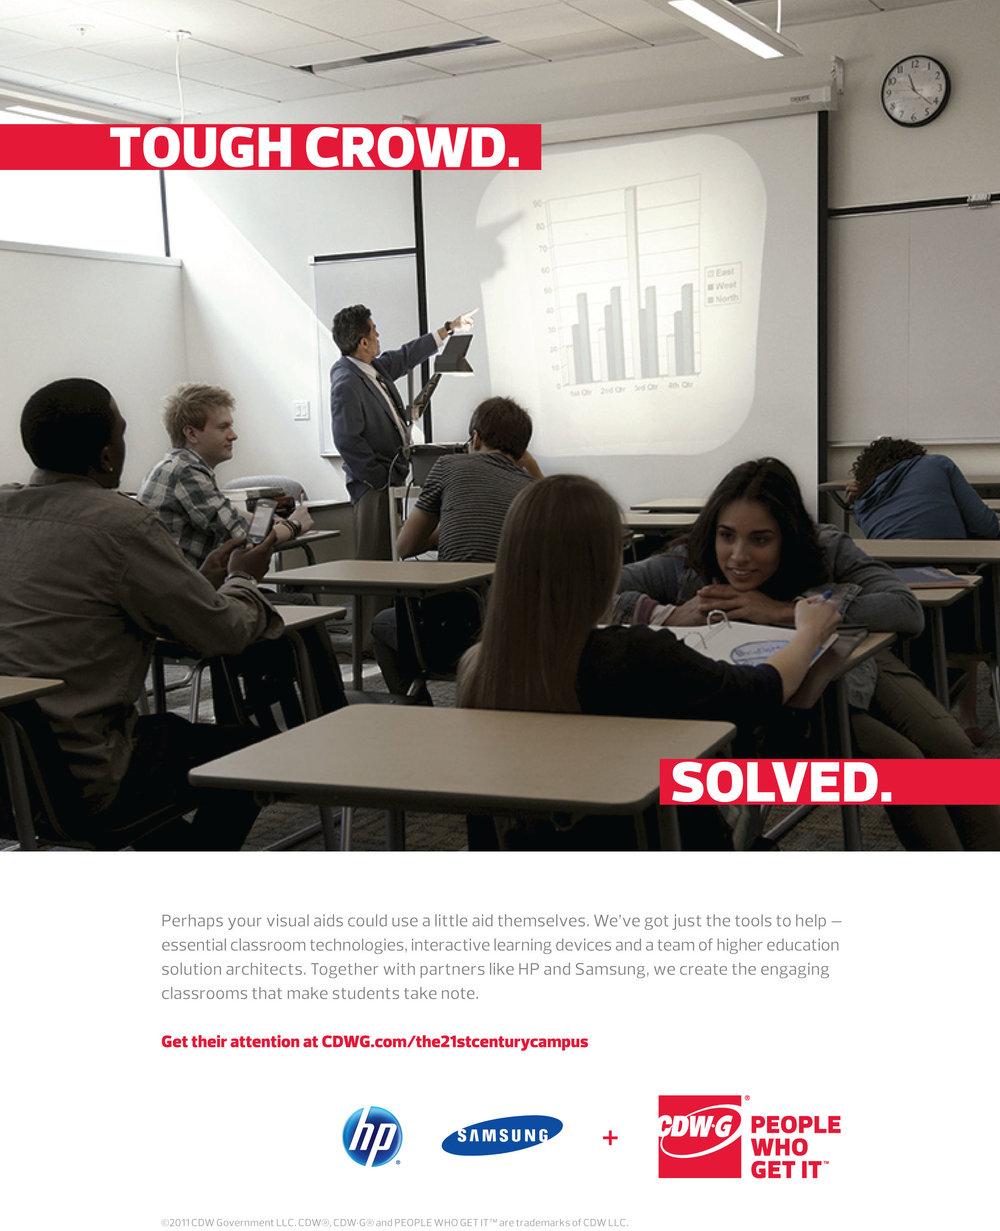 CDW_Print_Tough Crowd.jpg